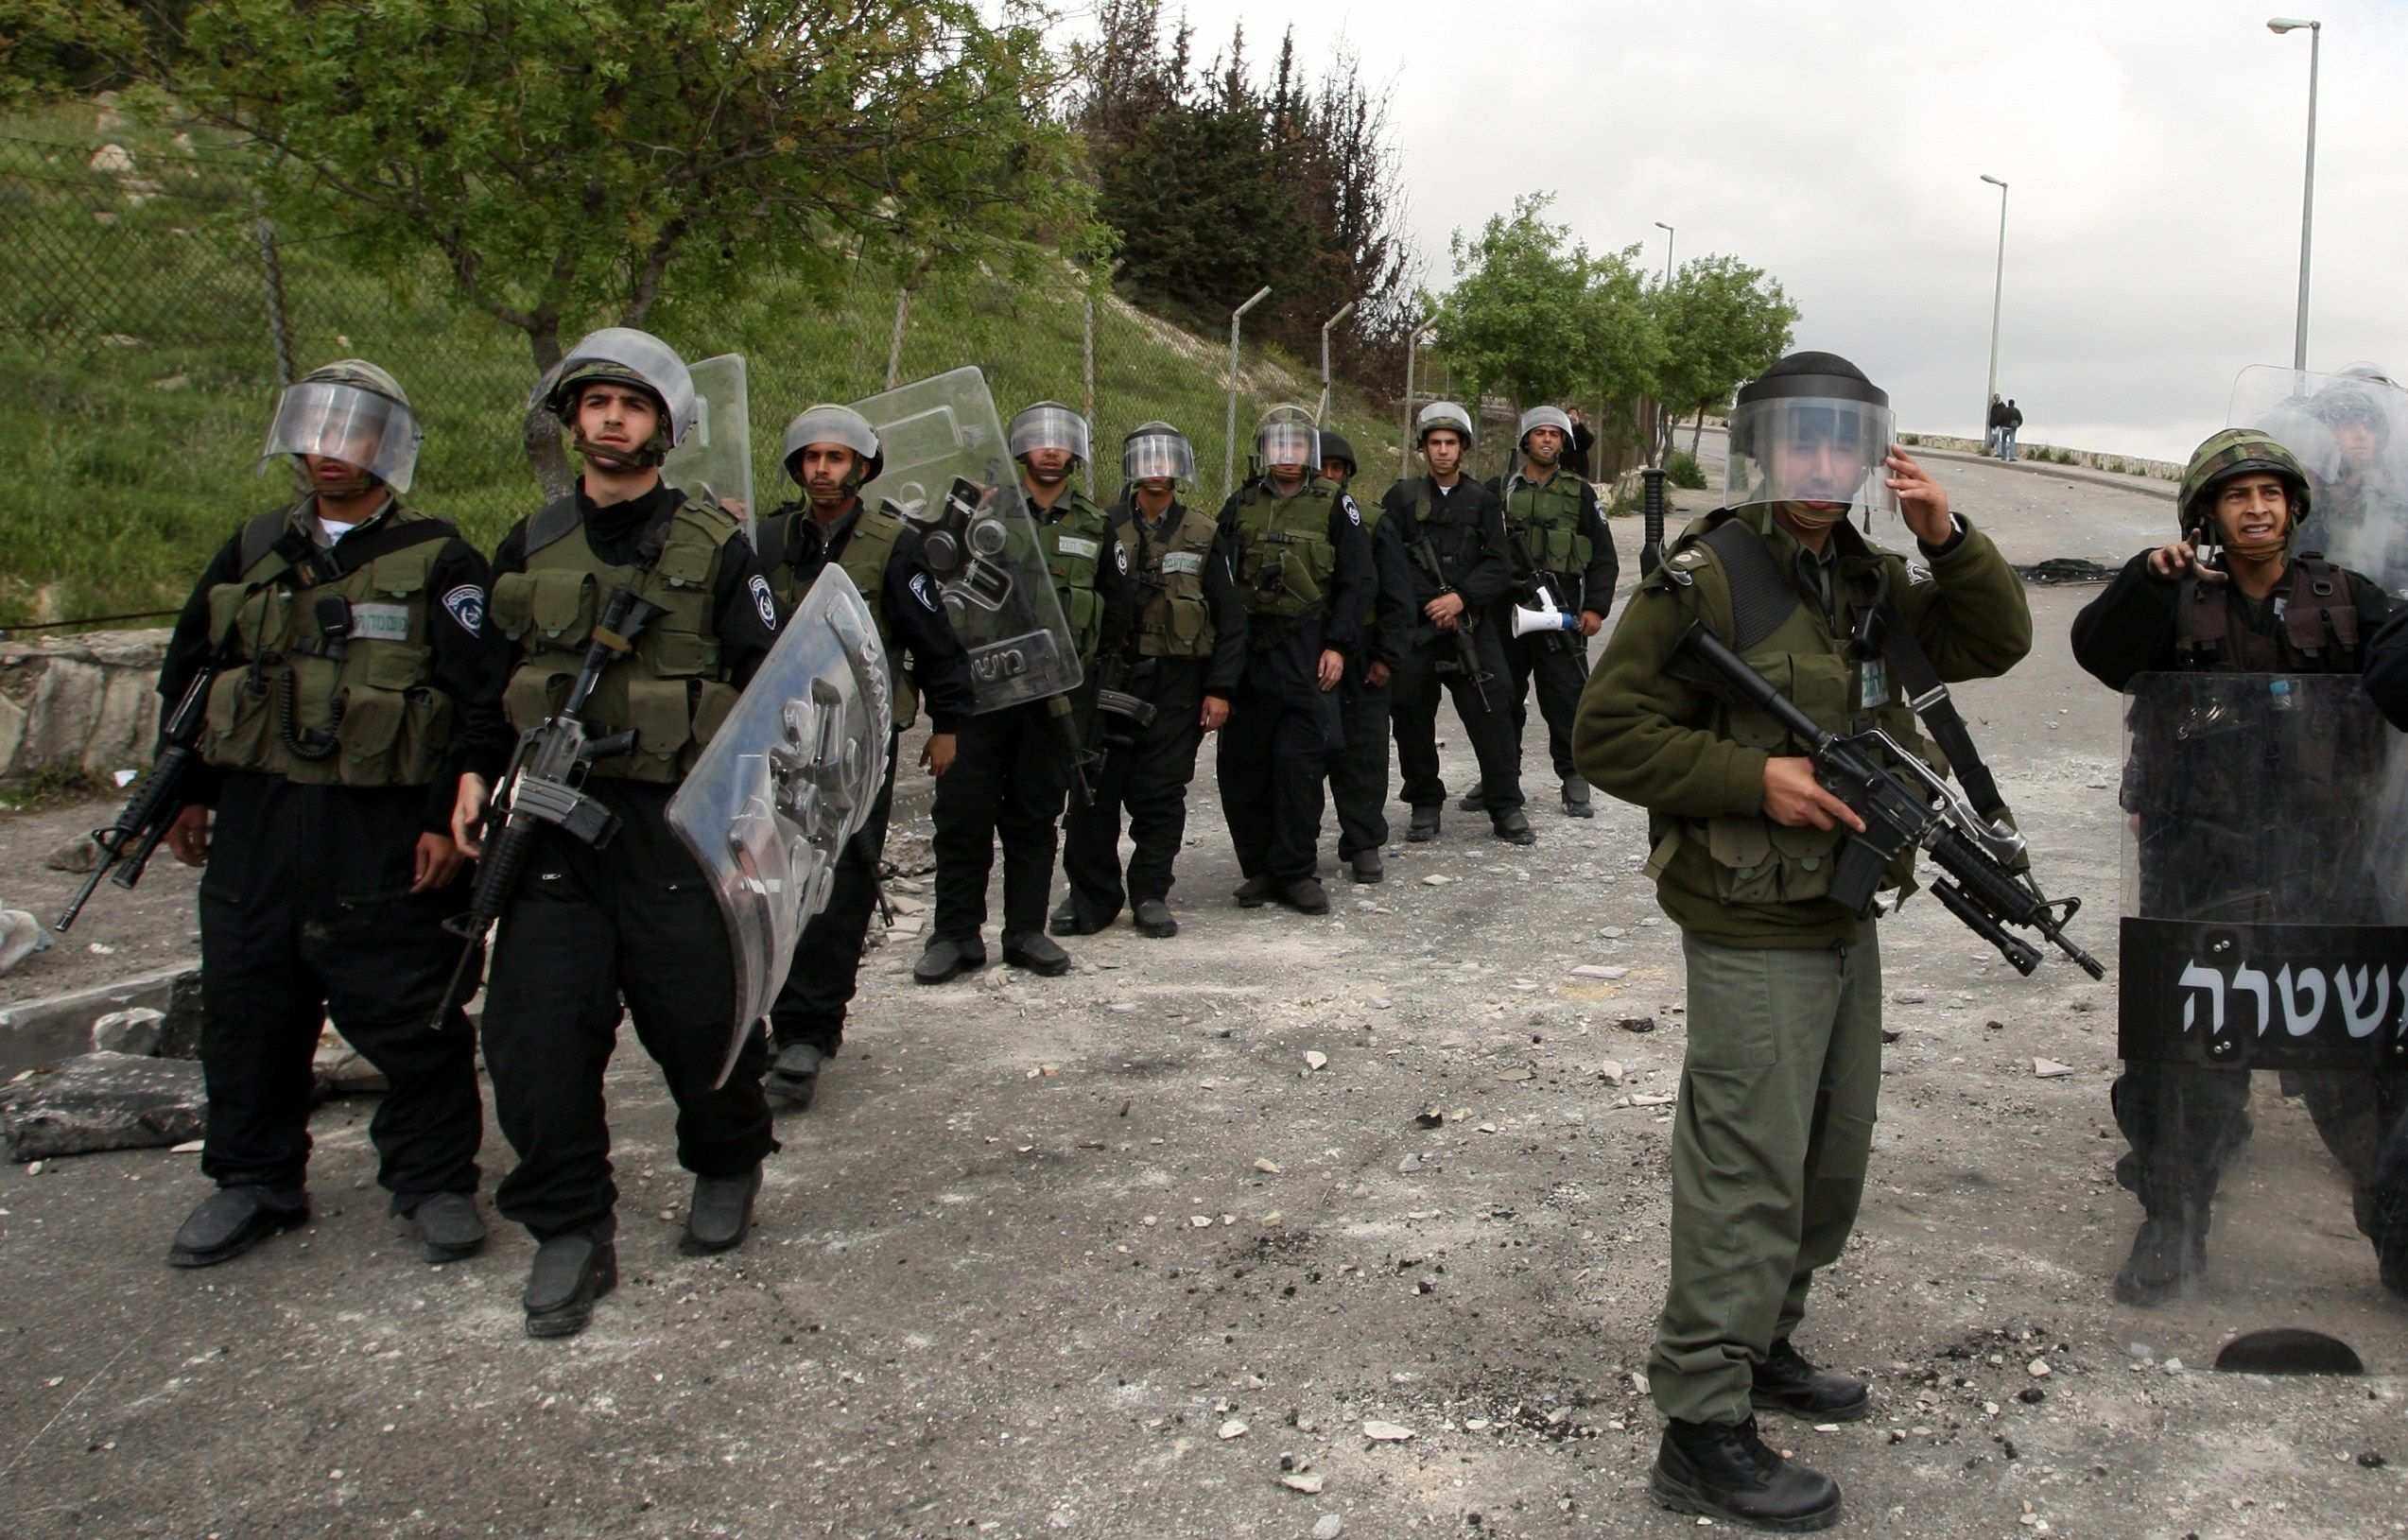 الاحتلال الإسرائيلى يصدر أحكاما على 3 أسرى فلسطينيين بينهم فتيان